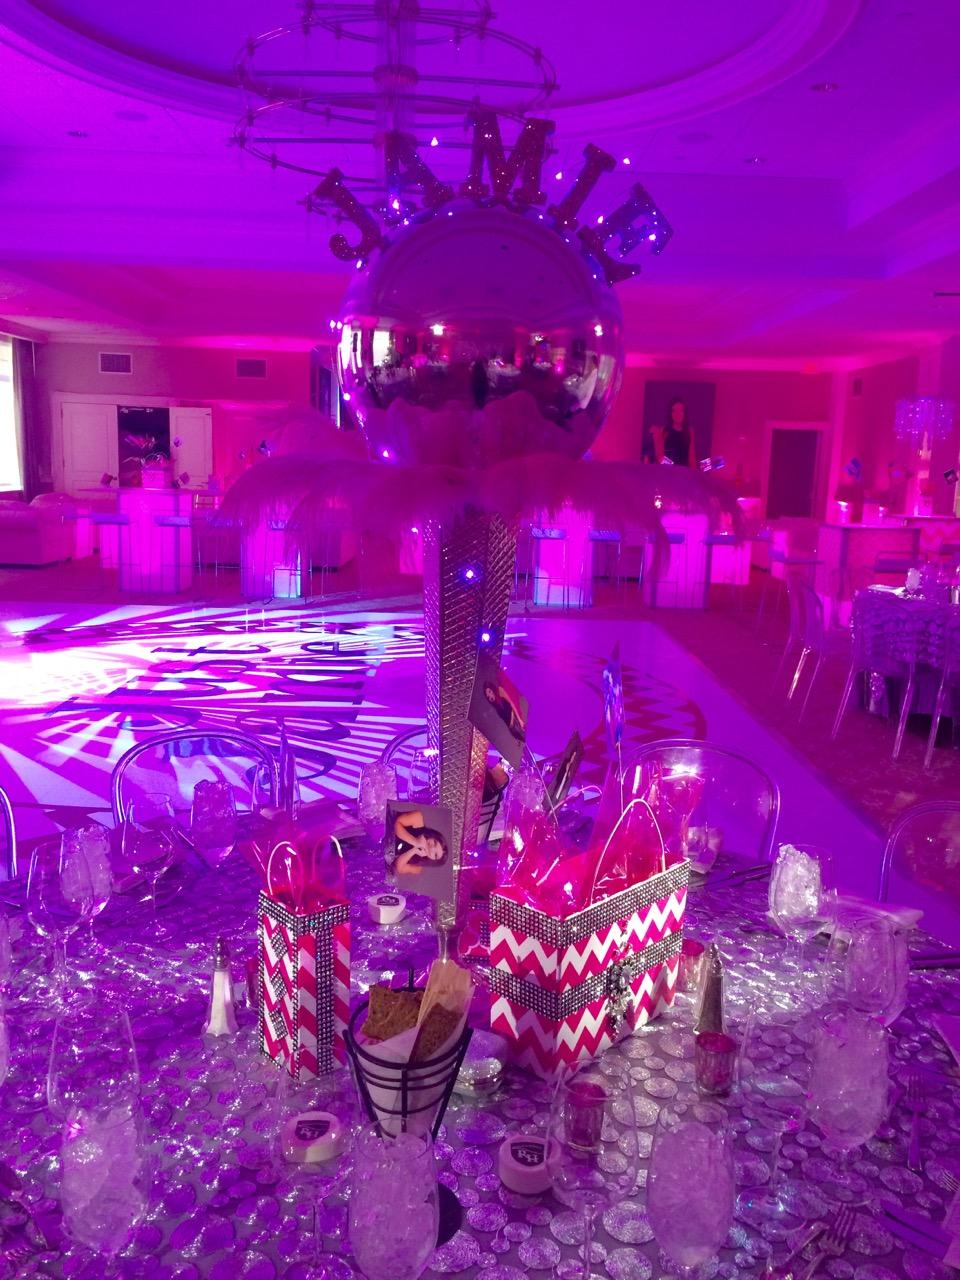 Eggsotic+Events+NJ+Event+Design+Lighting+Decor+Rental++-+6.jpg